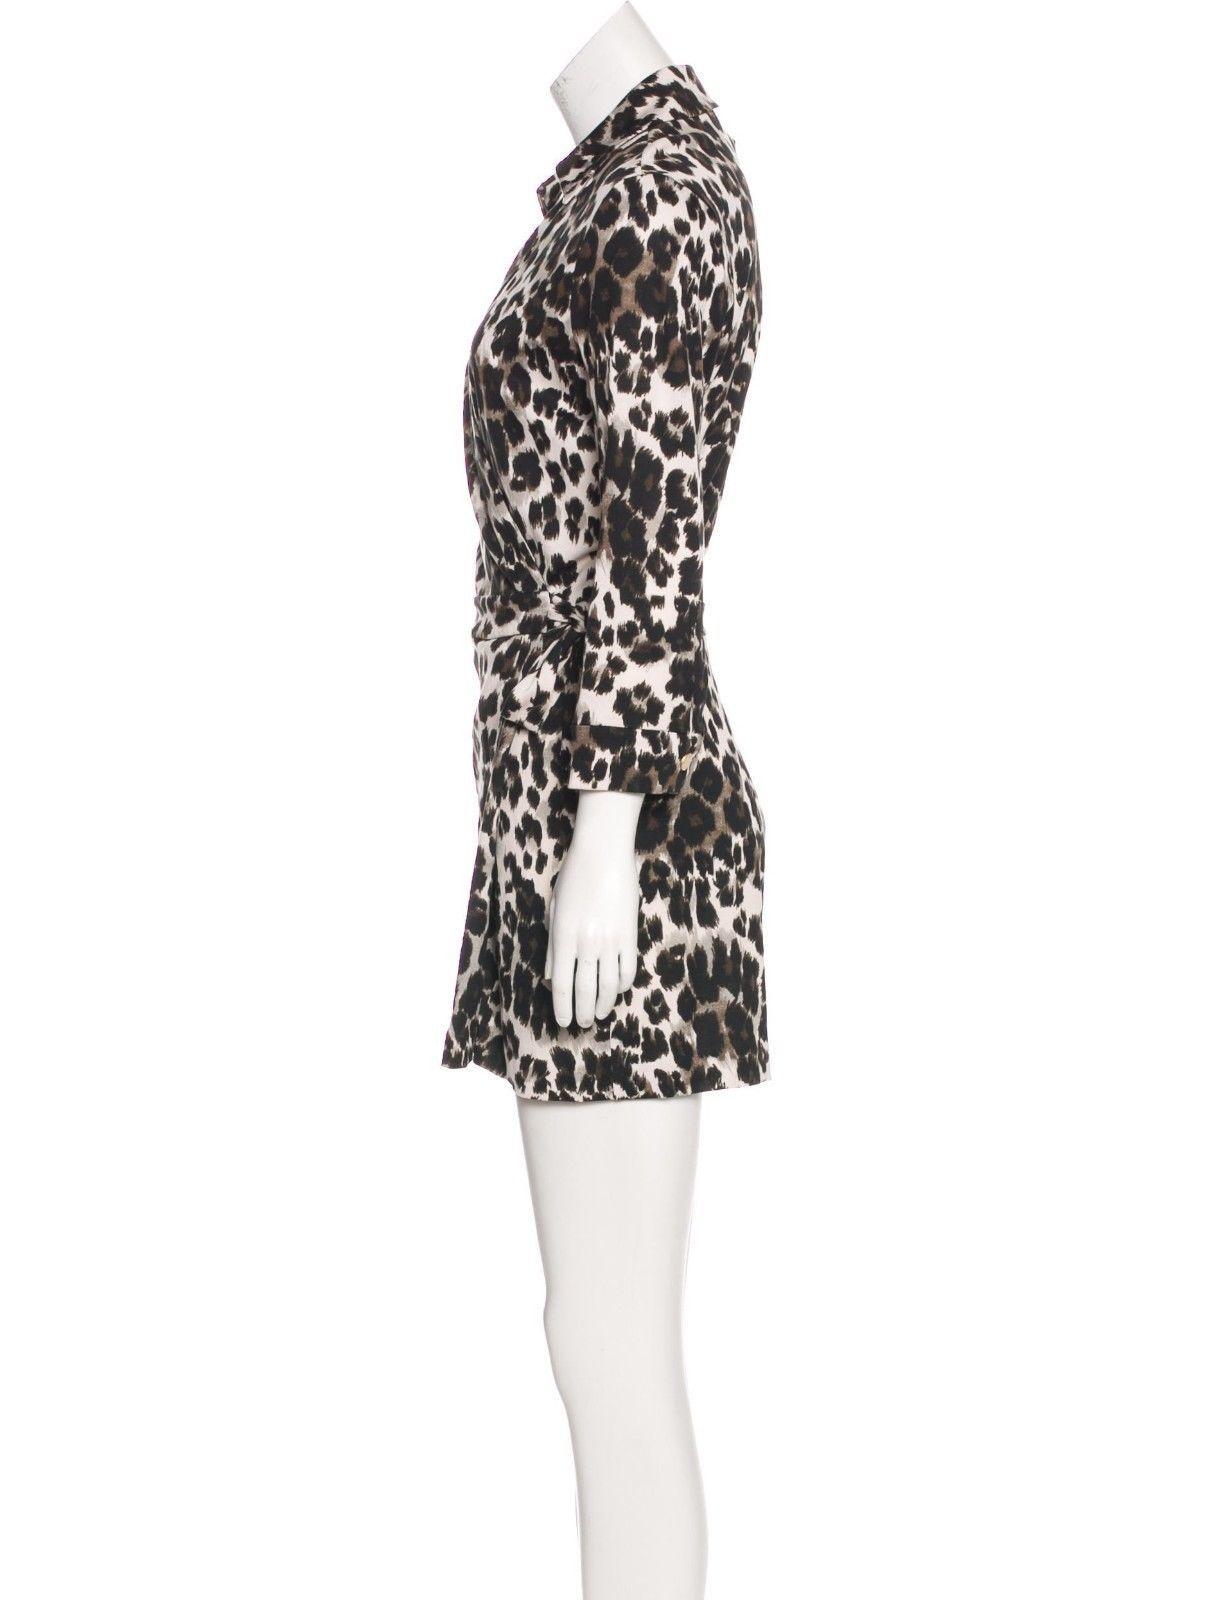 SZ 8 DIANE von FURSTENBERG DVF Celeste Leopard Medium  Cotton Romper NWT $398